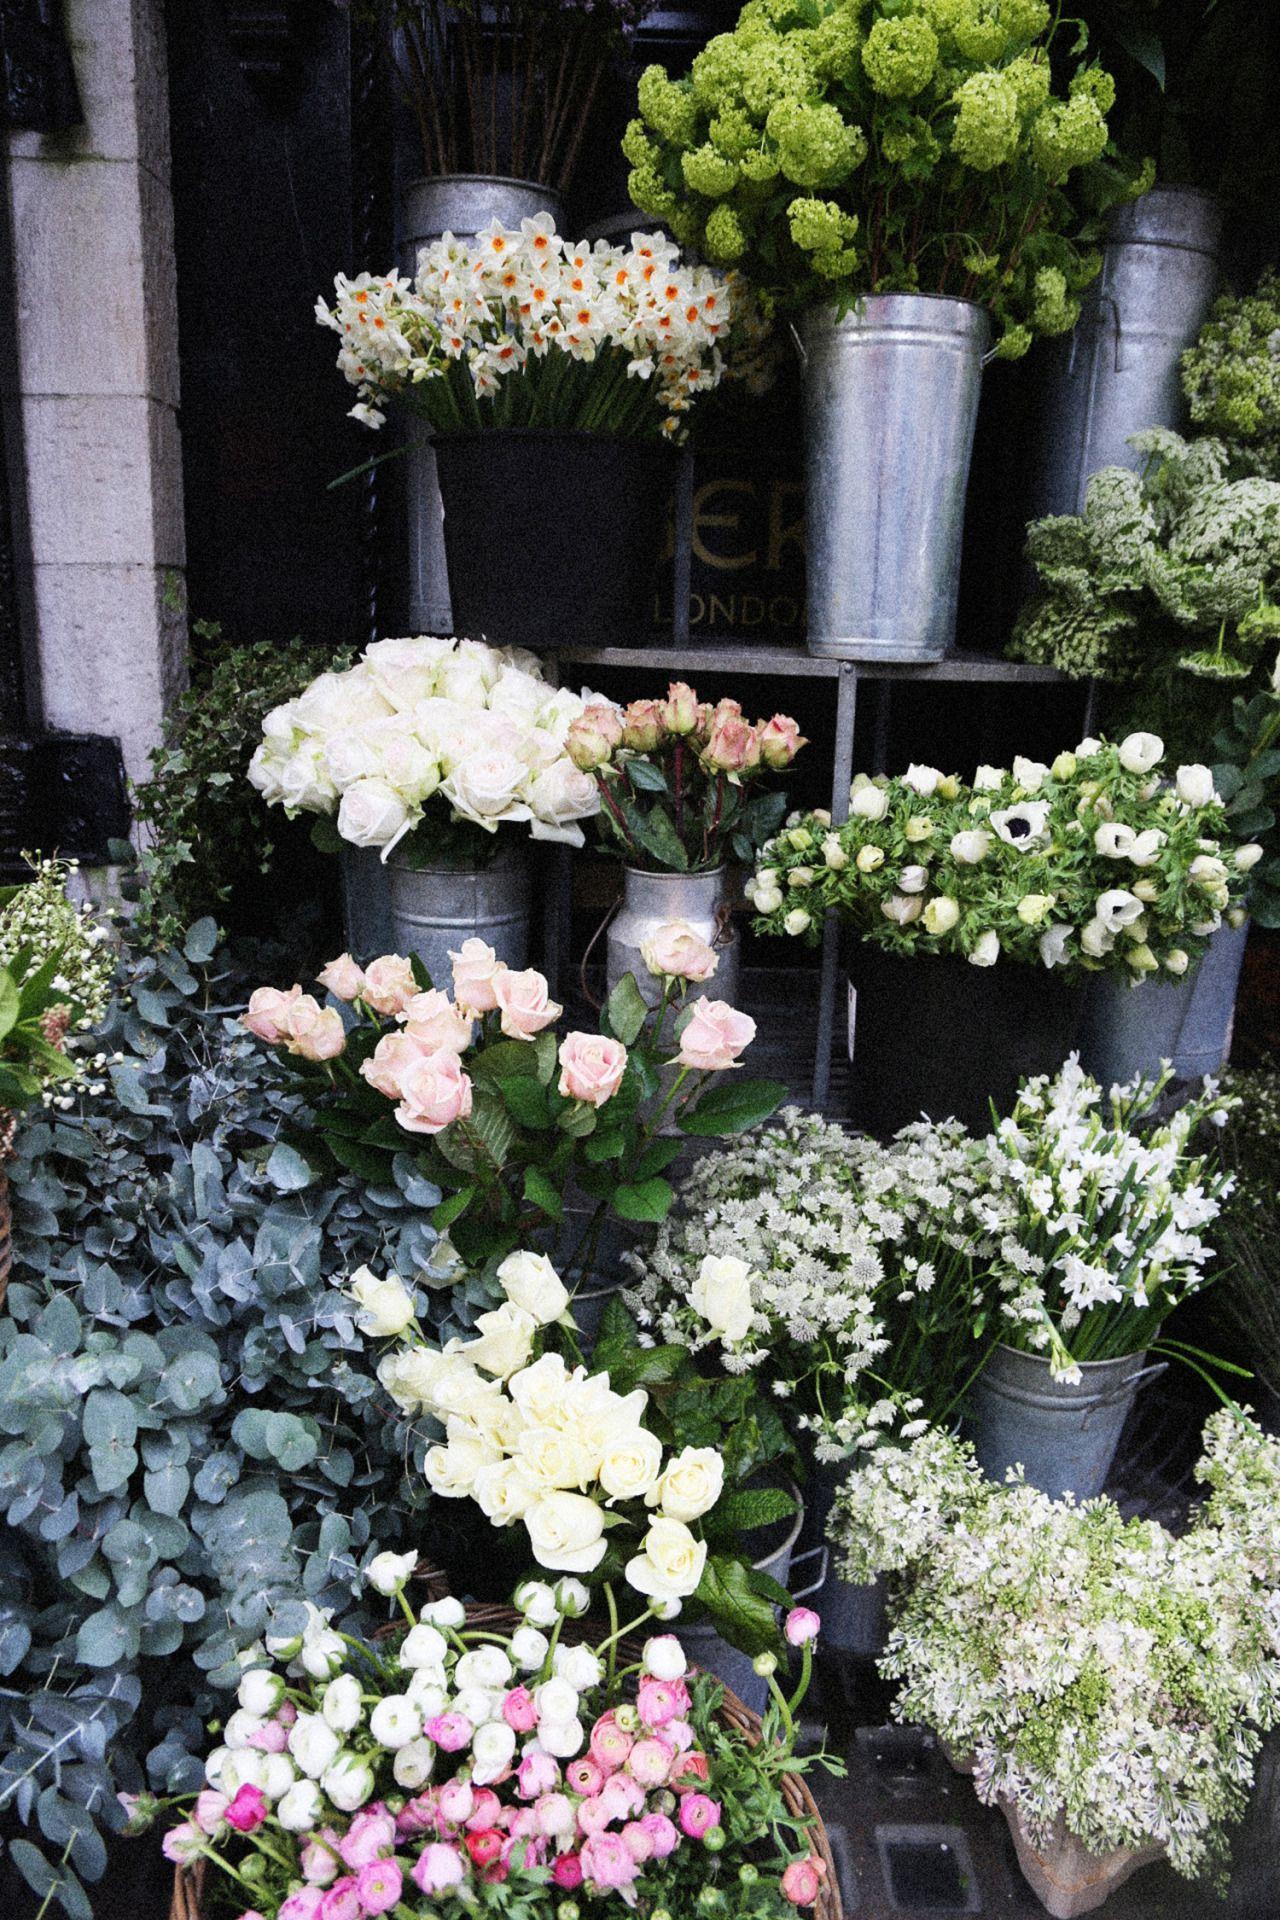 Httphawaiiancoconuttumblrpost78337229164white Flowers